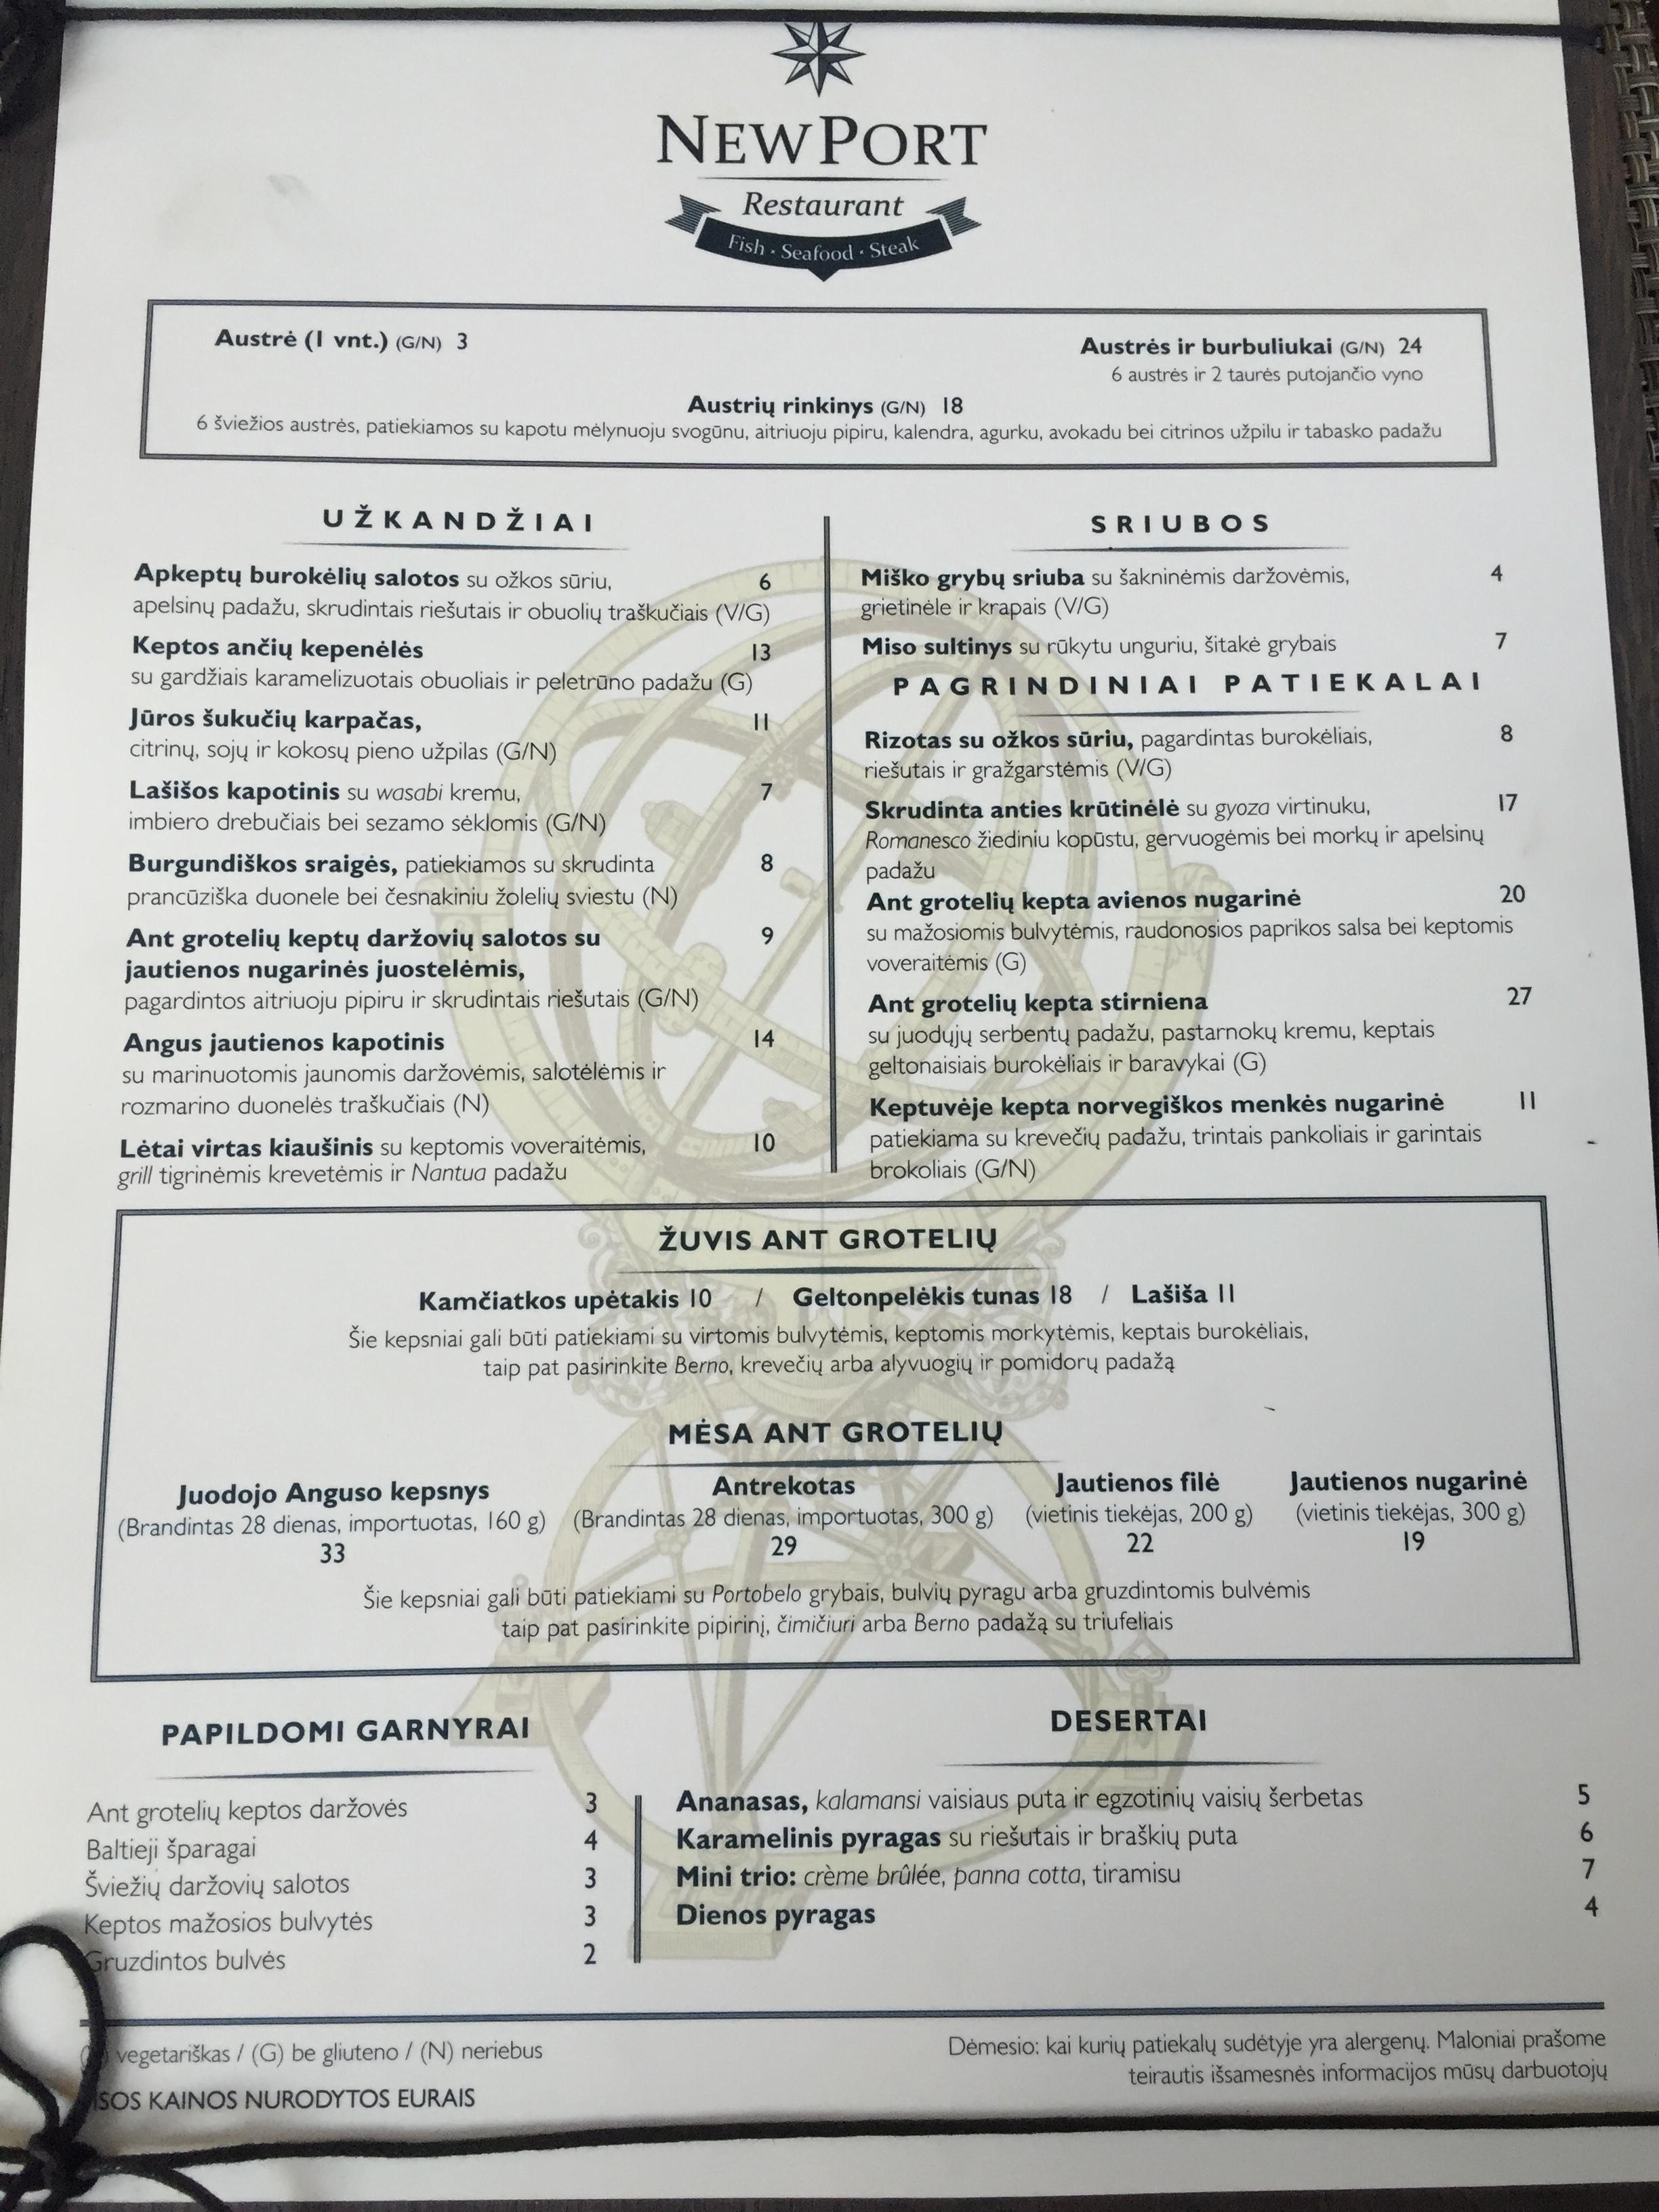 Restorano New Port meniu, kuriame sužymėti patiekalai be gliuteno (ne glitimo! Valio!) :)